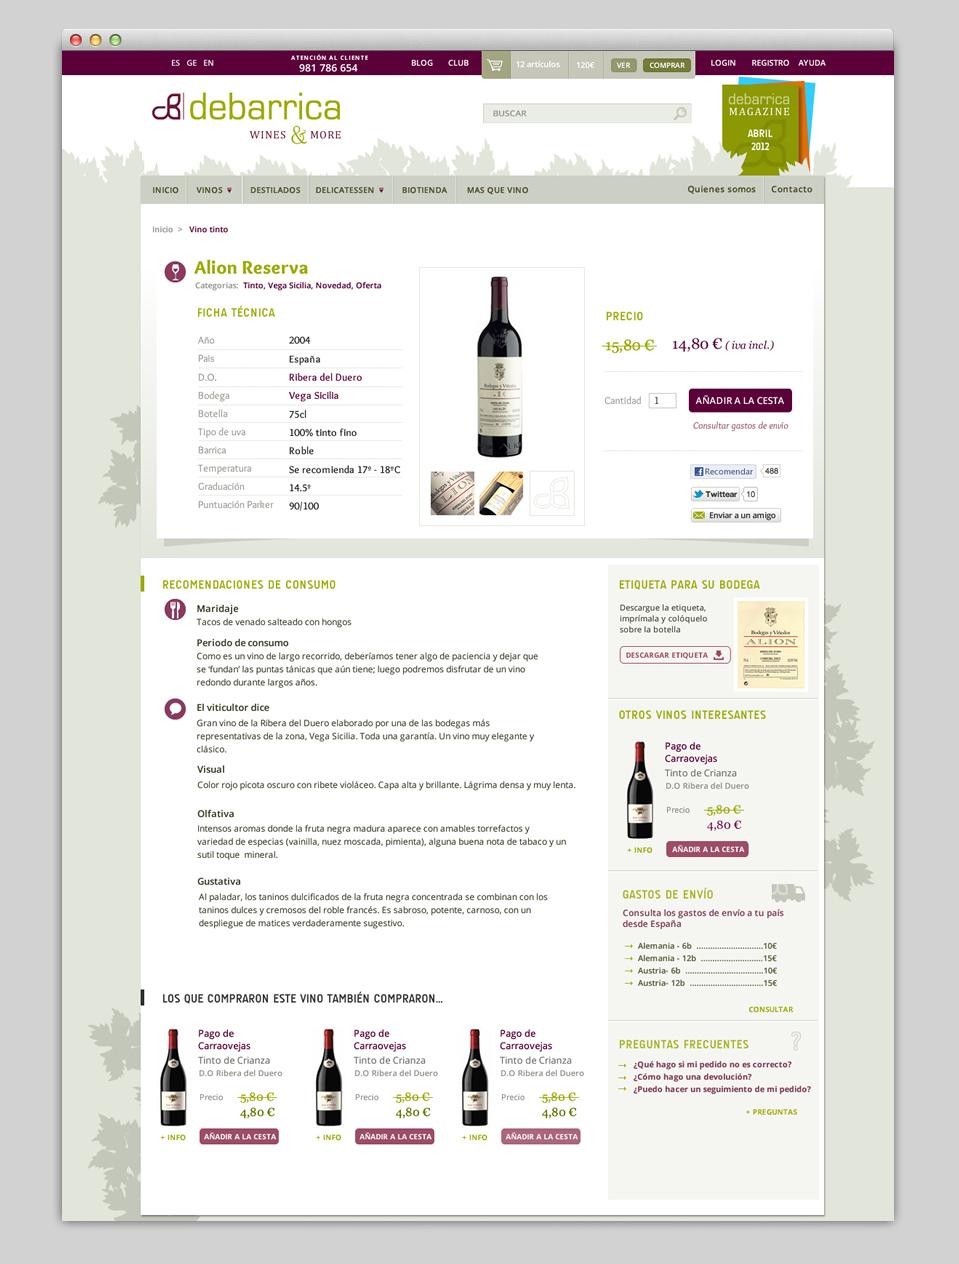 Ficha de producto actual.